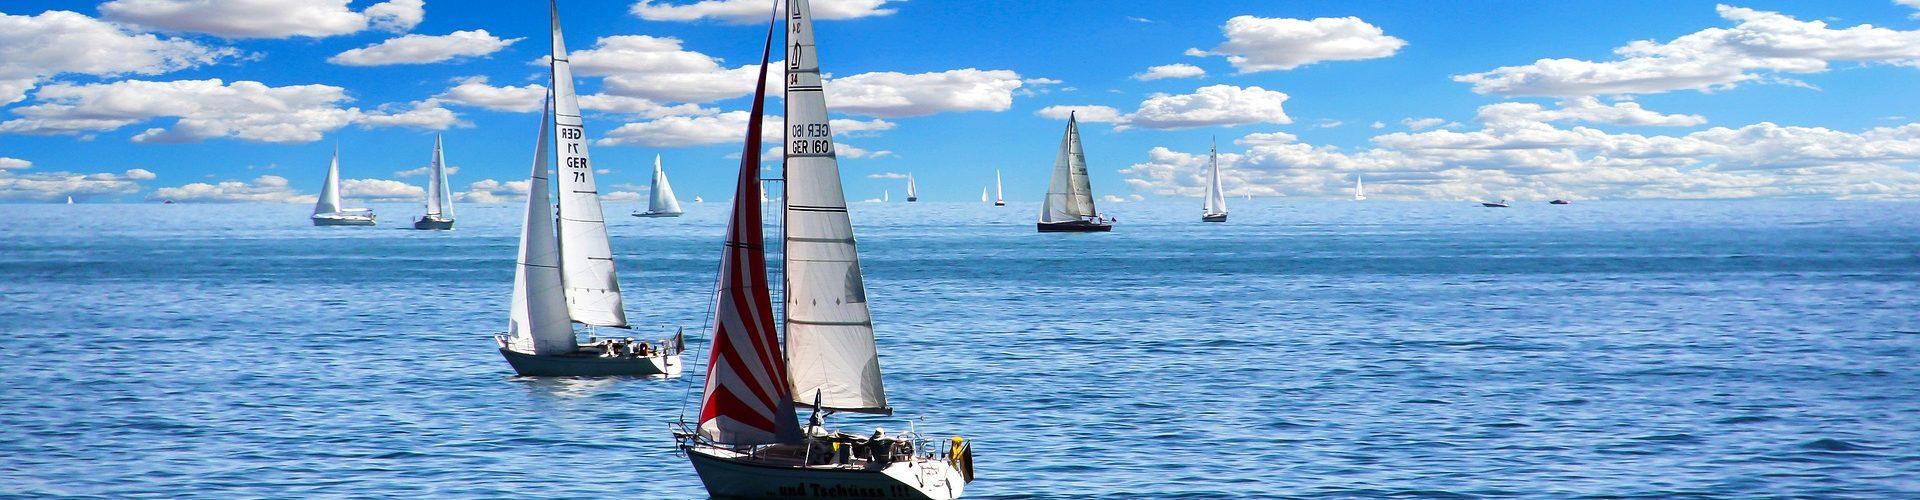 segeln lernen in Dassow segelschein machen in Dassow 1920x500 - Segeln lernen in Dassow